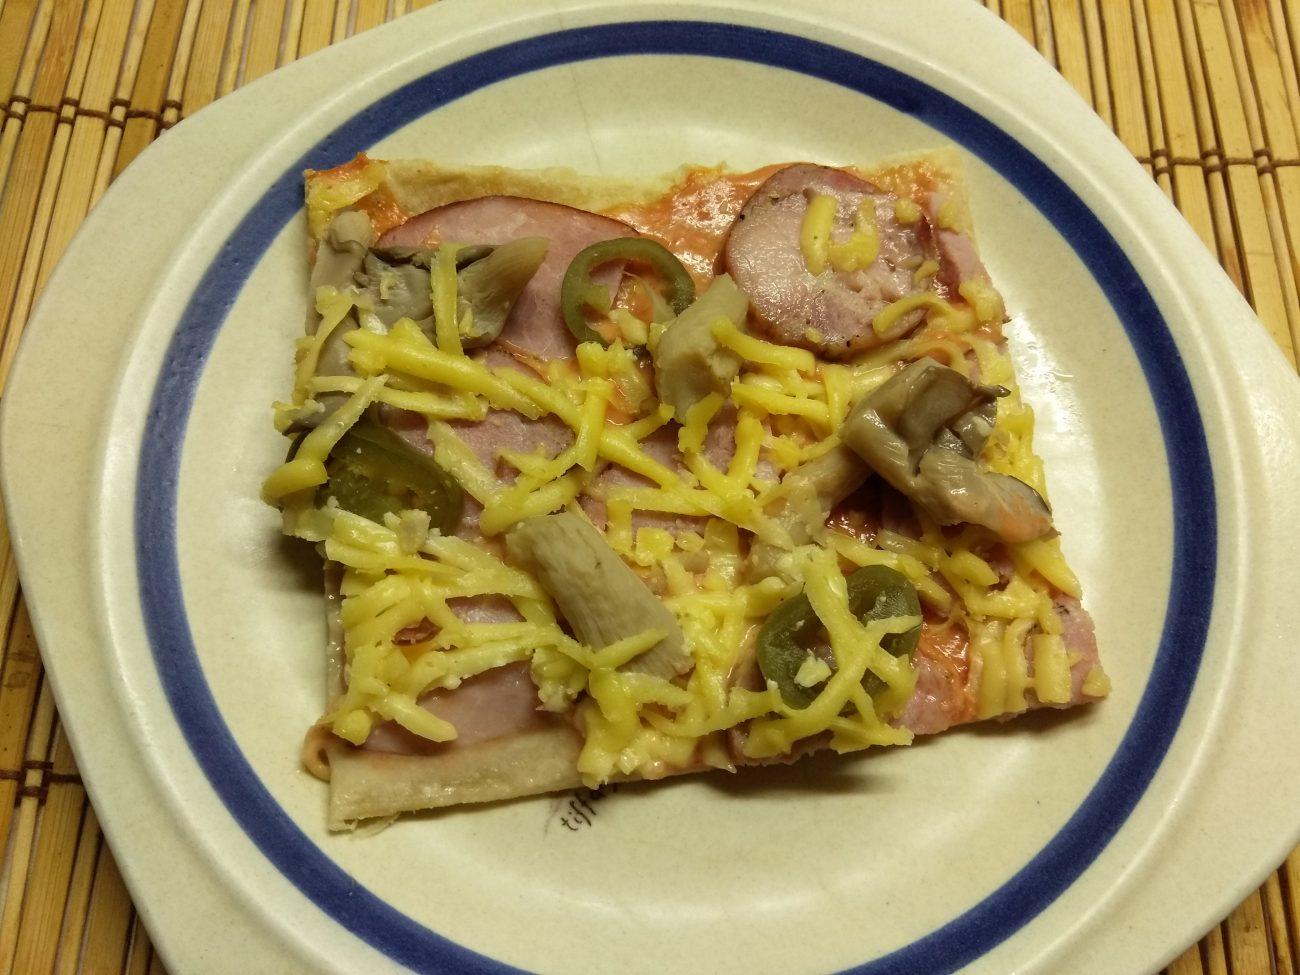 Дрожжевая пицца с двумя видами колбасы, вешенками и халапеньо